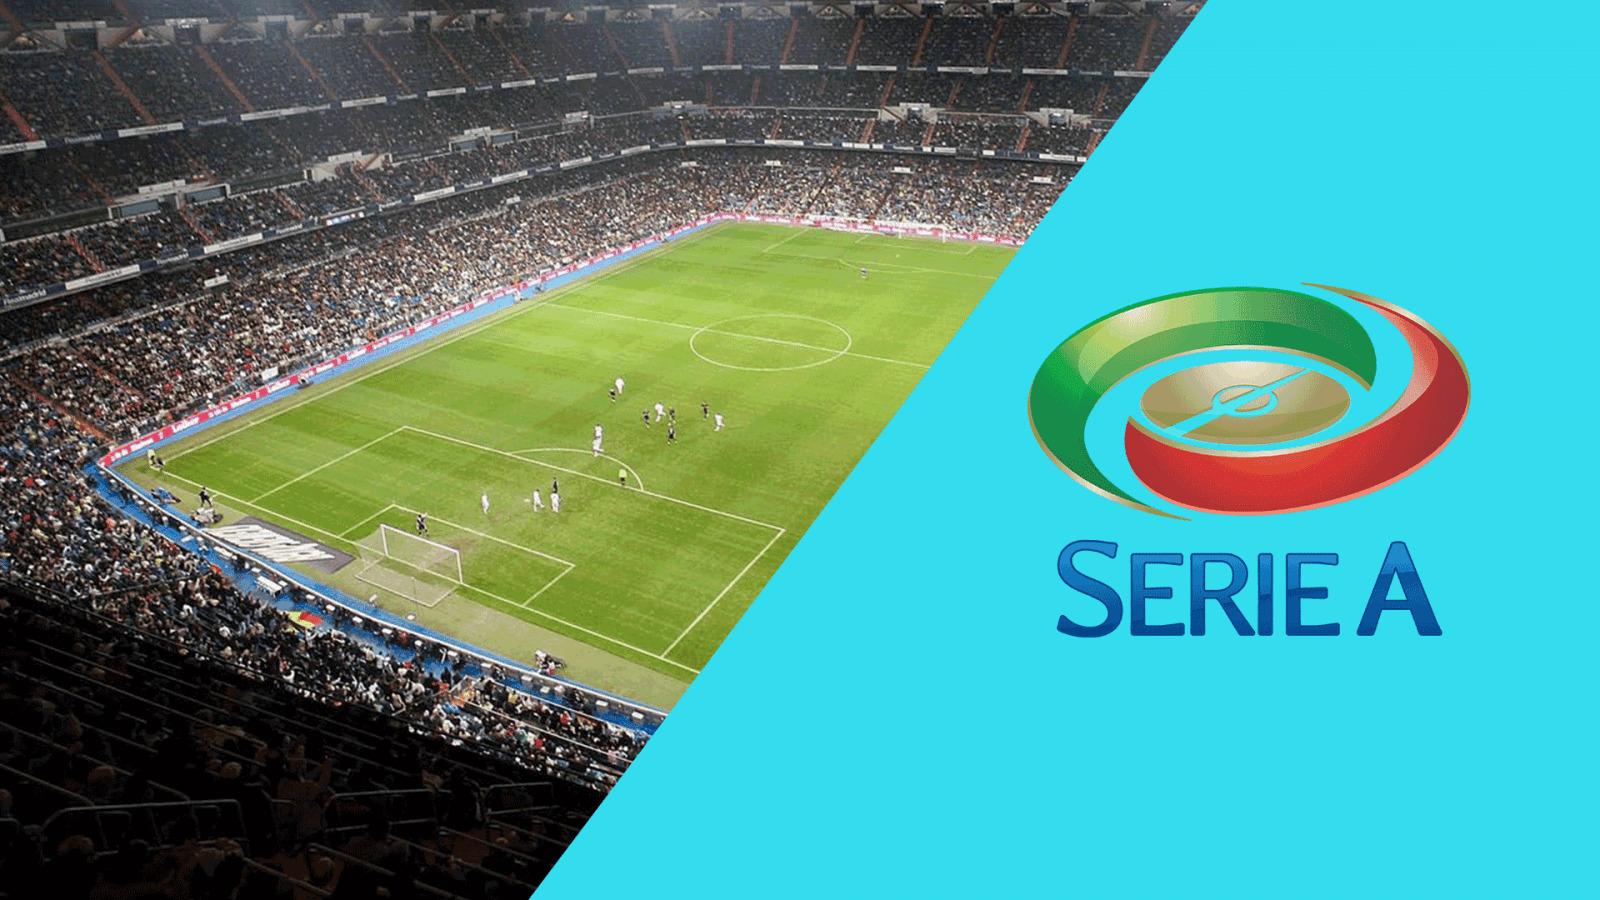 Национальная Профессиональная Лига Серия A